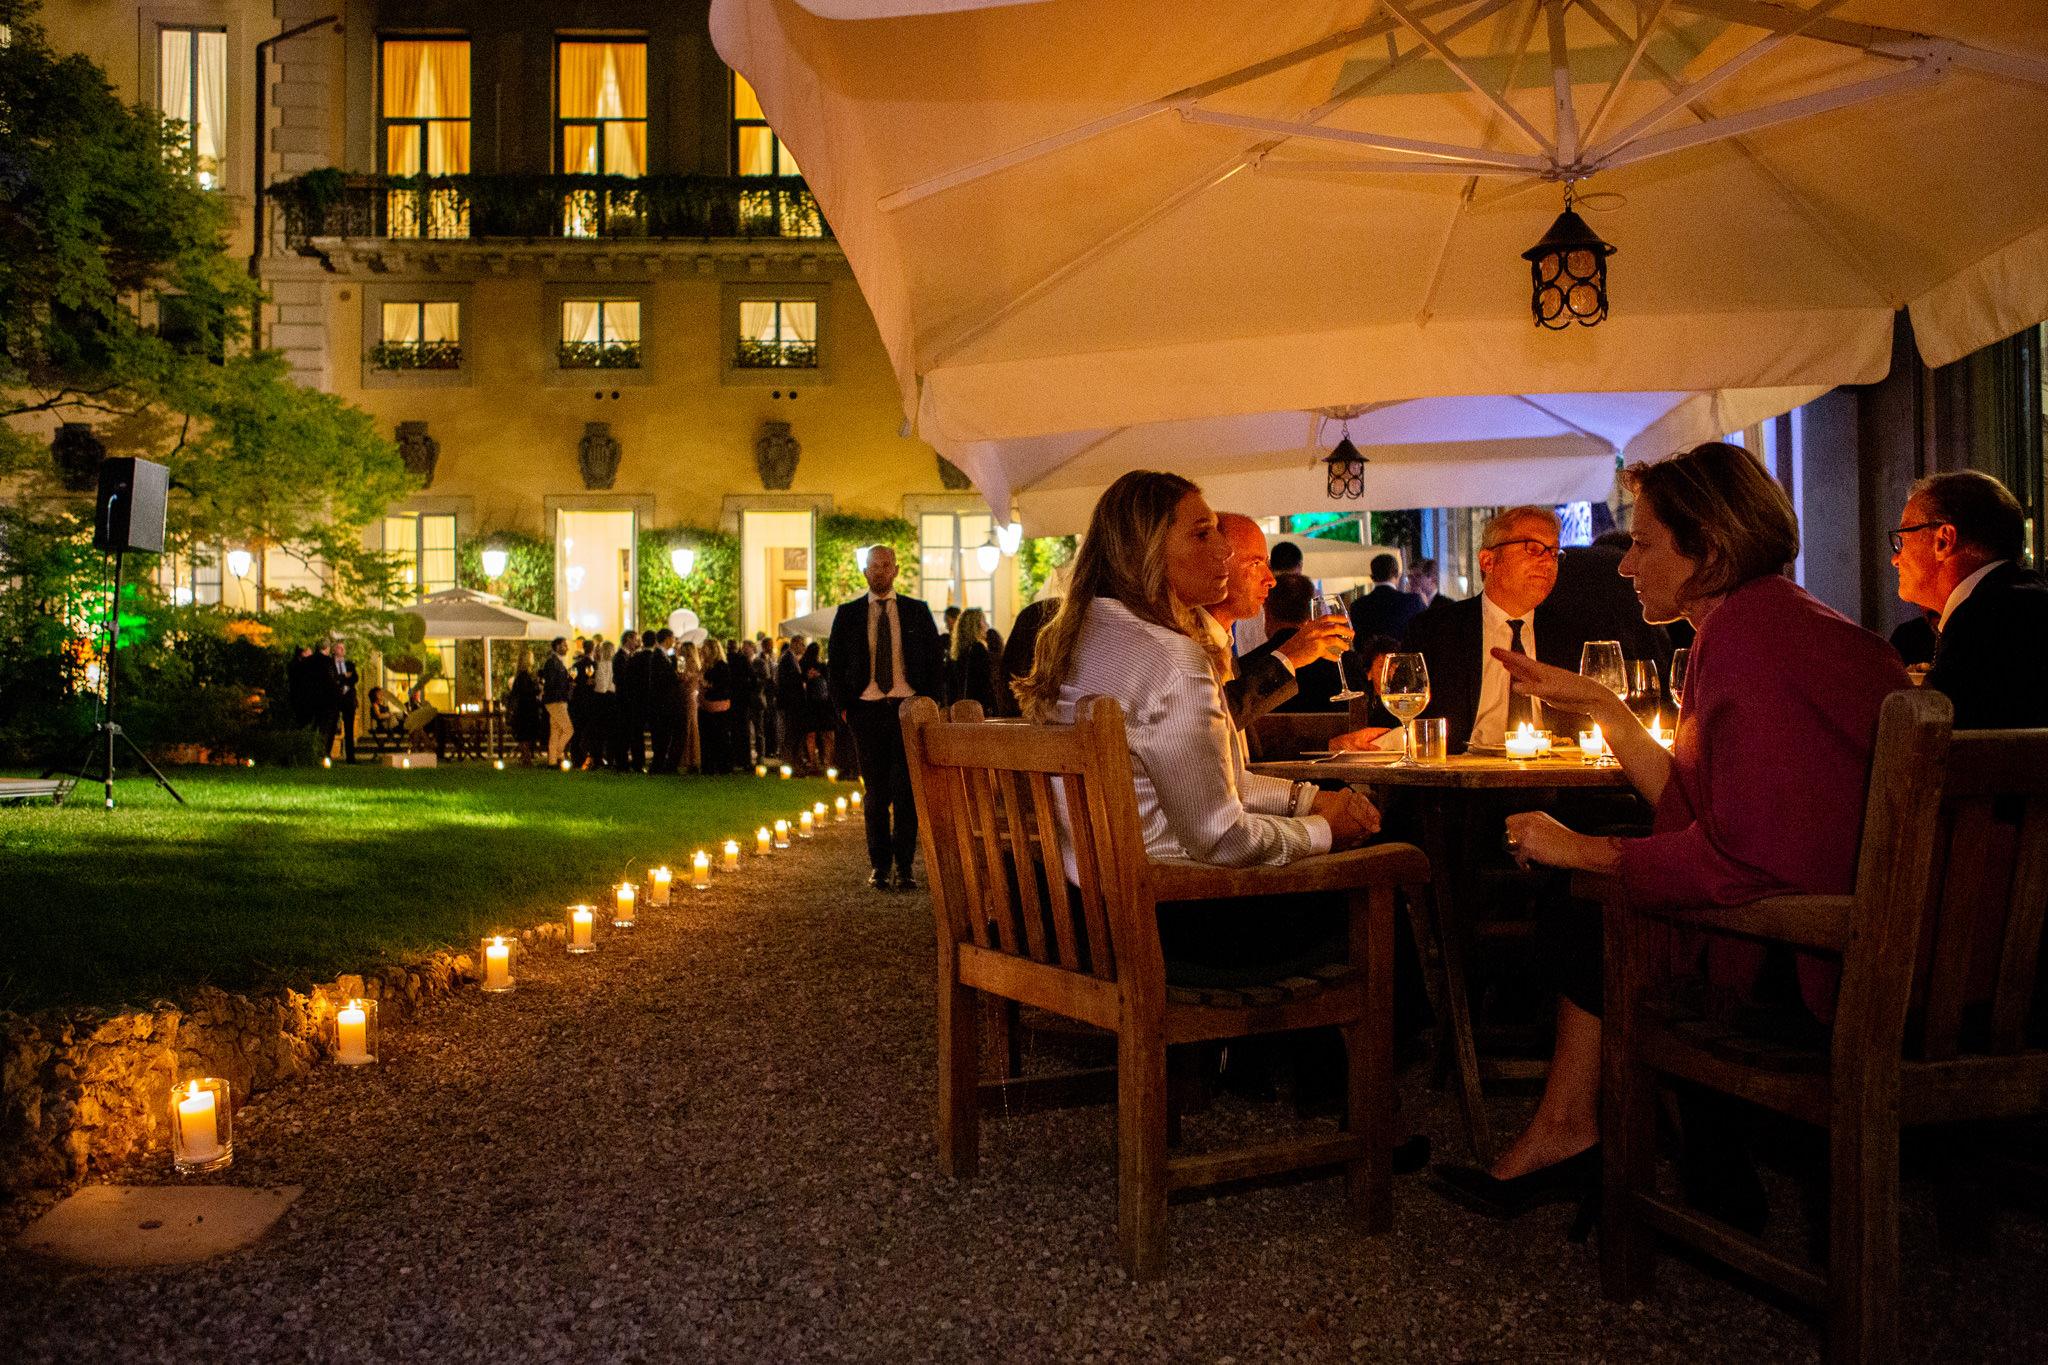 I partecipanti cenano nello splendido cortile presso la Società del Giardino